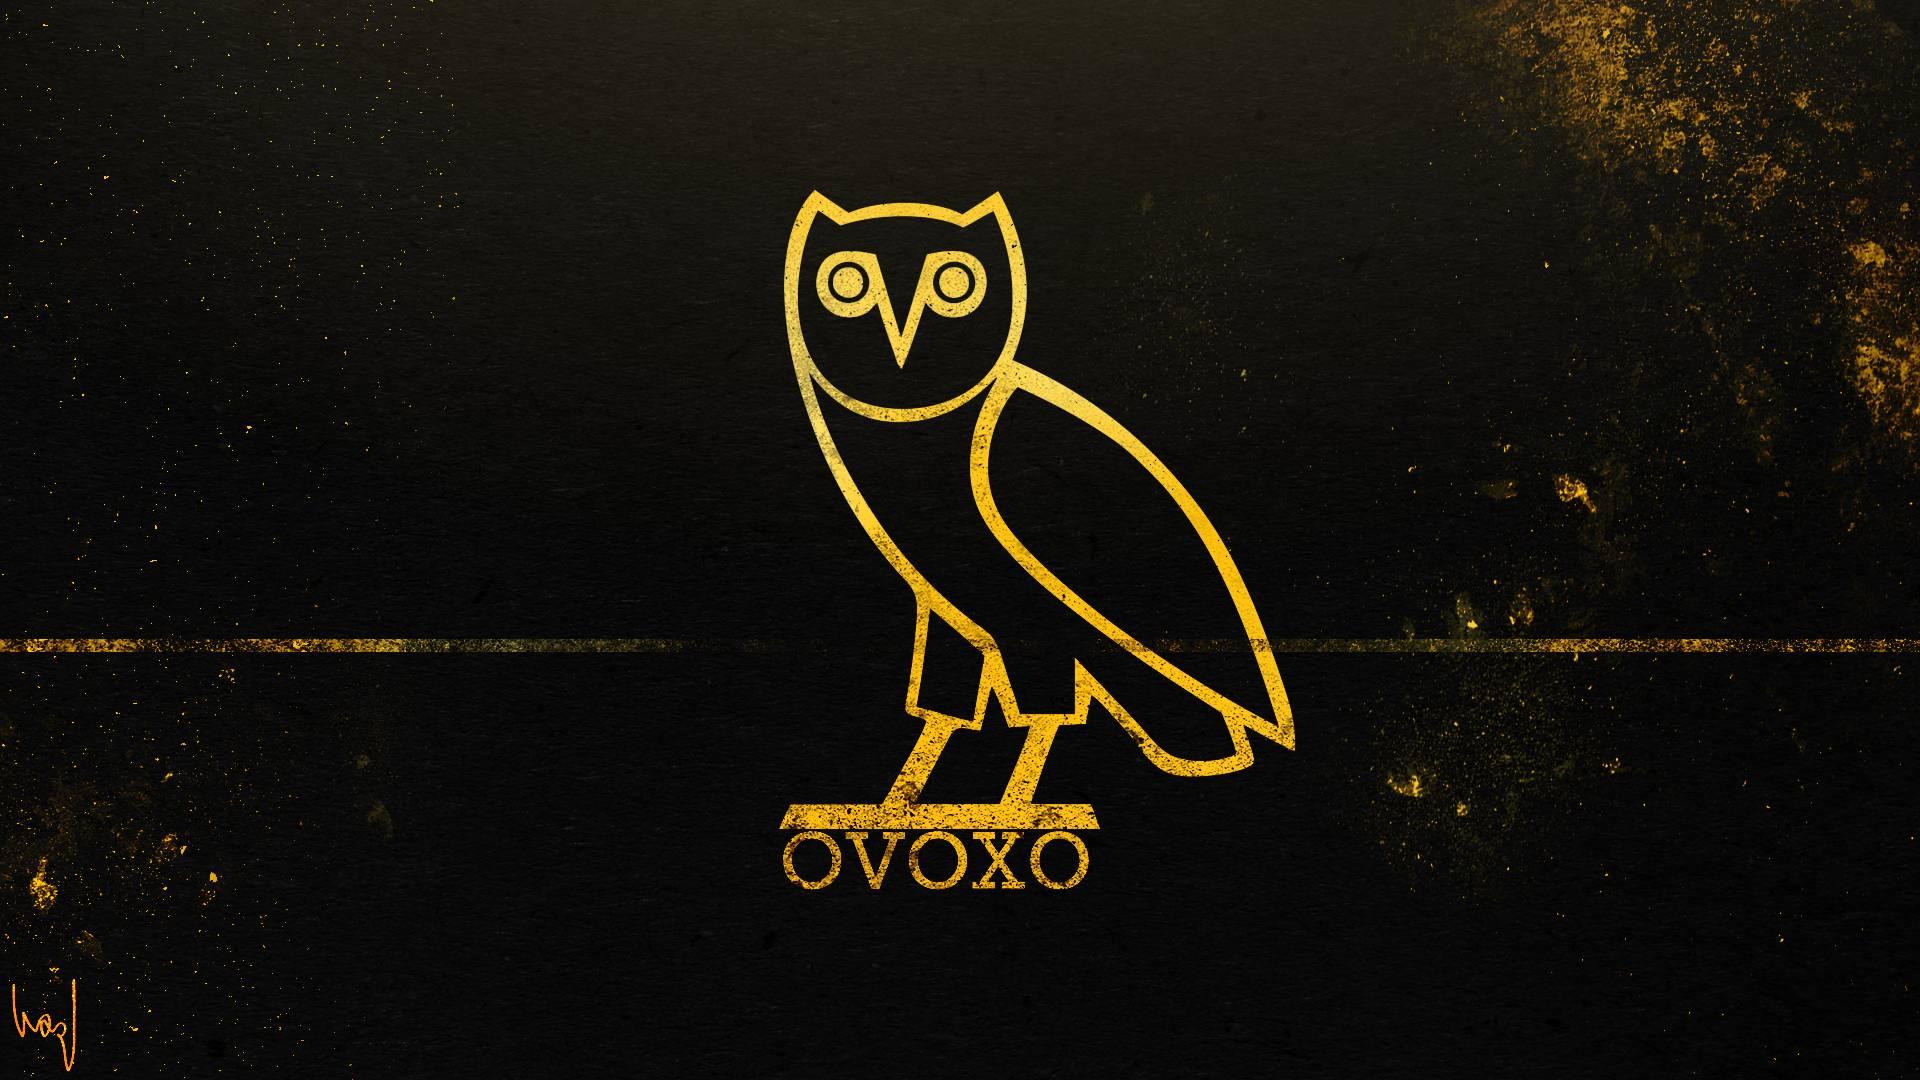 Ovo Logo Drake Ovo Cool Wallpaper Drake 1920x1080